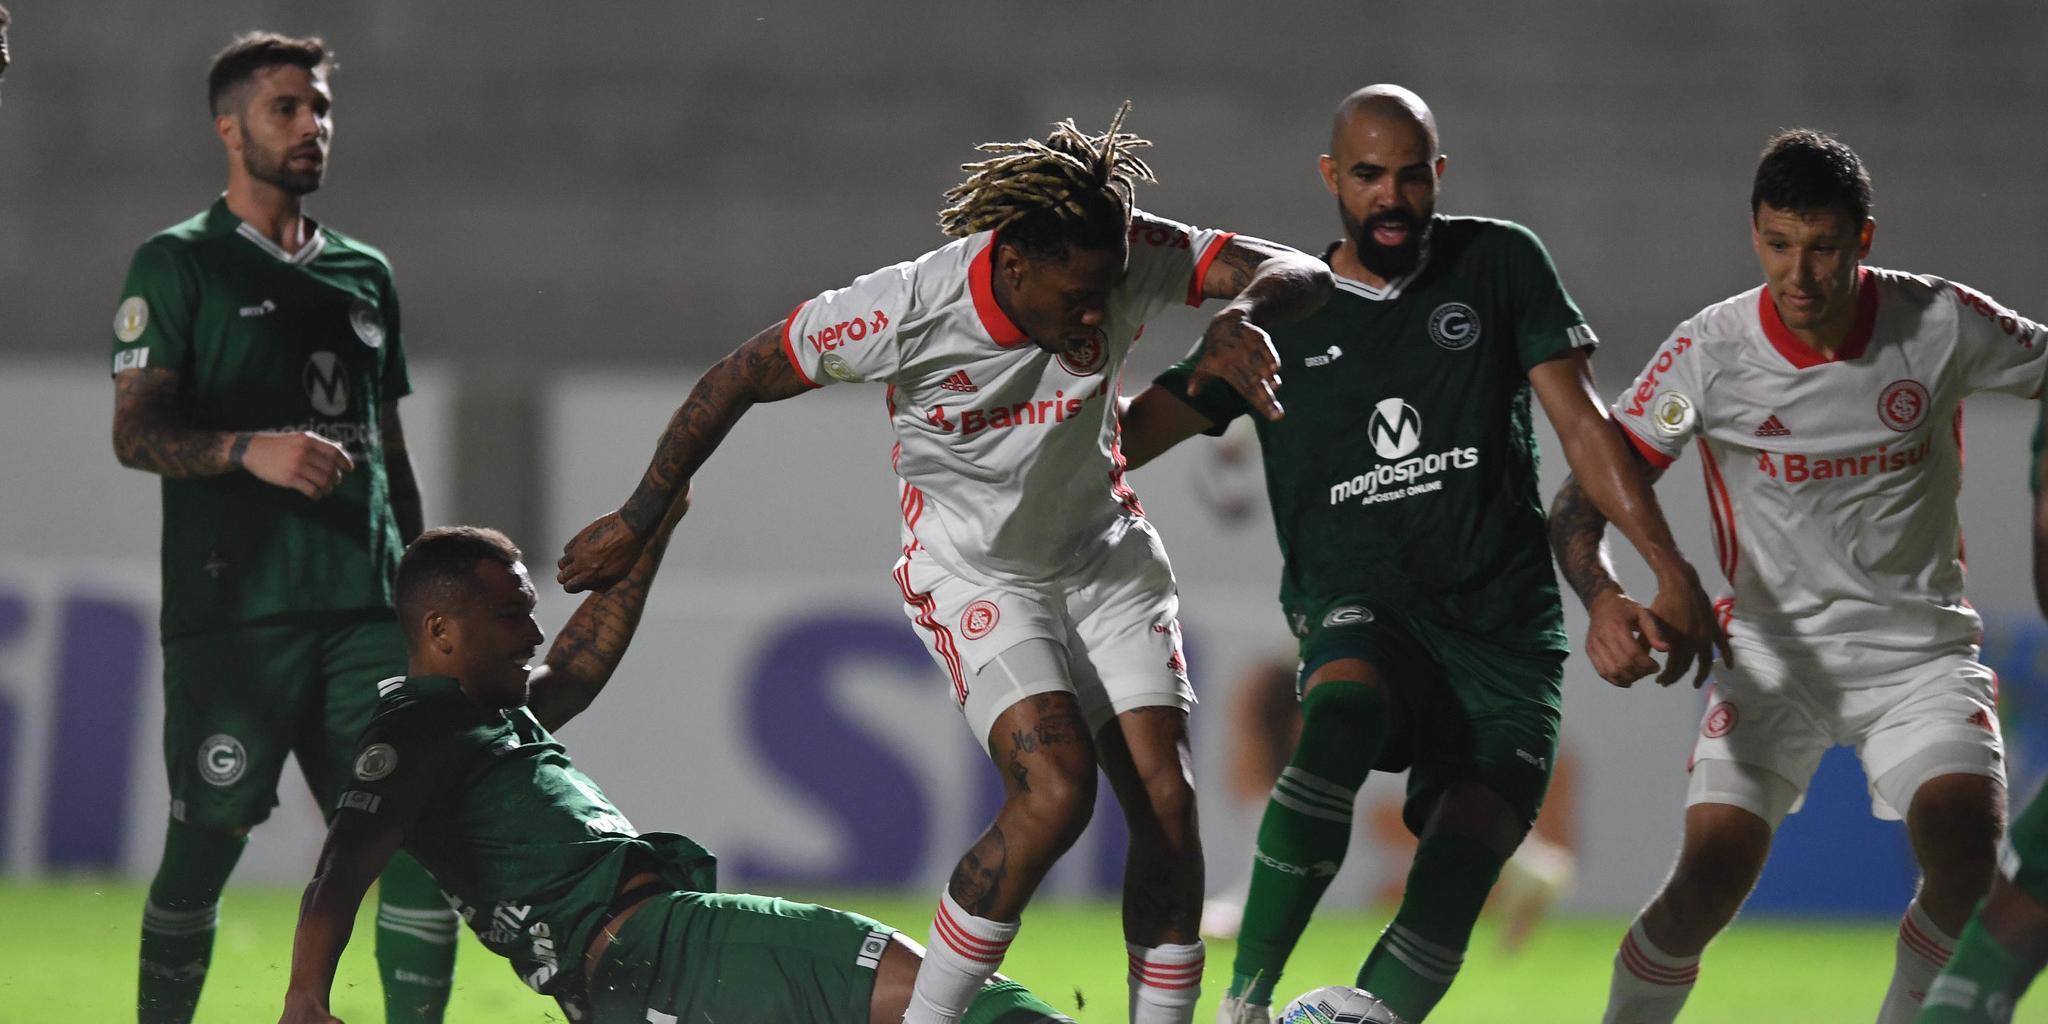 Inter de Abel Hernández teve muitas dificuldades ofensivas diante do Goiás, mesmo com um jogador a mais